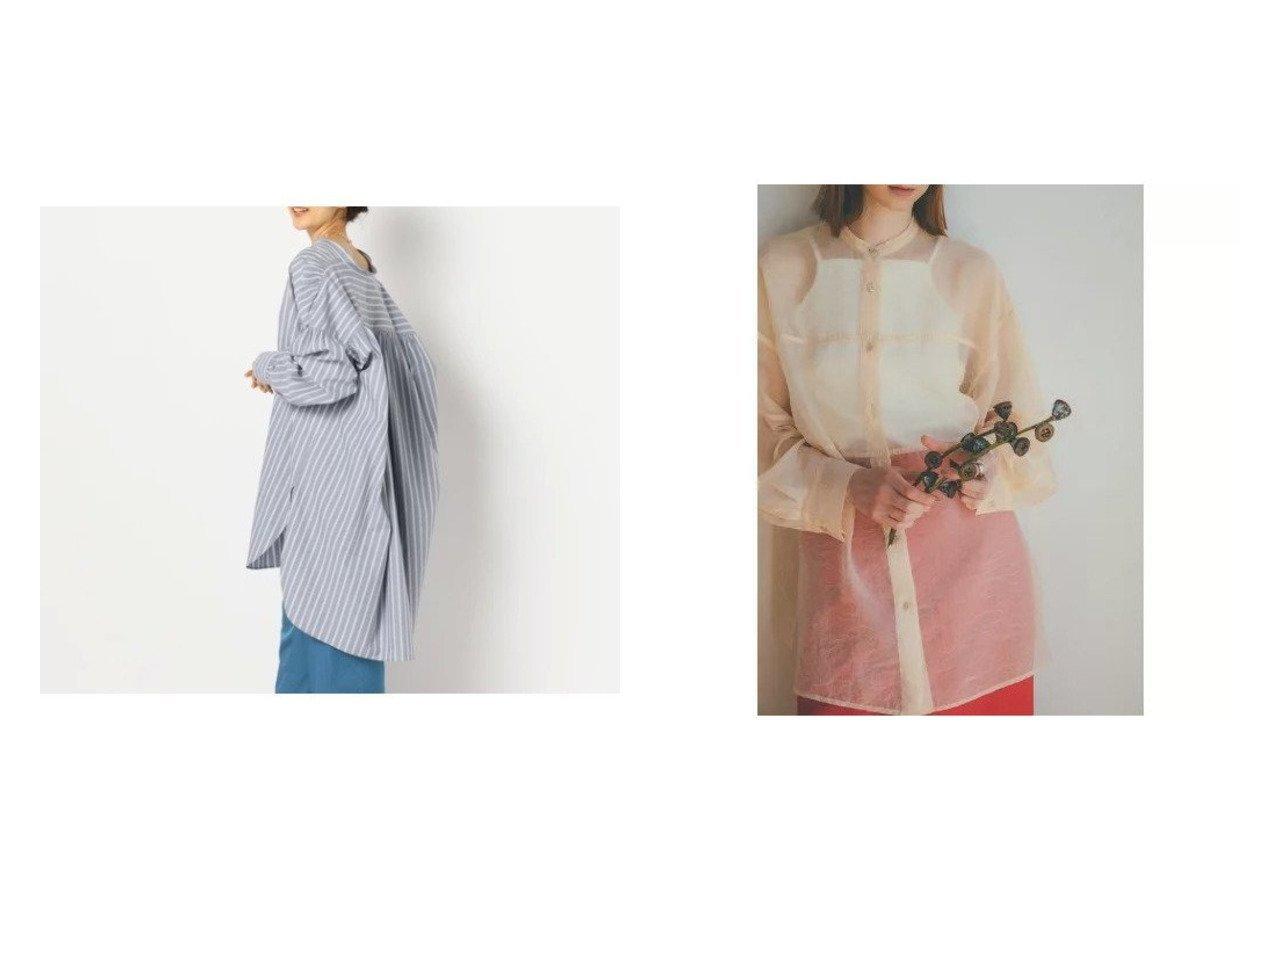 【NOLLEY'S/ノーリーズ】のタイプライターギャザーロングシャツ&【CLANE/クラネ】のSWITCH SHEER SHIRT トップス・カットソーのおすすめ!人気、トレンド・レディースファッションの通販 おすすめで人気の流行・トレンド、ファッションの通販商品 メンズファッション・キッズファッション・インテリア・家具・レディースファッション・服の通販 founy(ファニー) https://founy.com/ ファッション Fashion レディースファッション WOMEN トップス Tops Tshirt シャツ/ブラウス Shirts Blouses ギャザー ショルダー ストライプ タイプライター ドロップ バランス インナー キャミソール スリット 春 長袖  ID:crp329100000009297